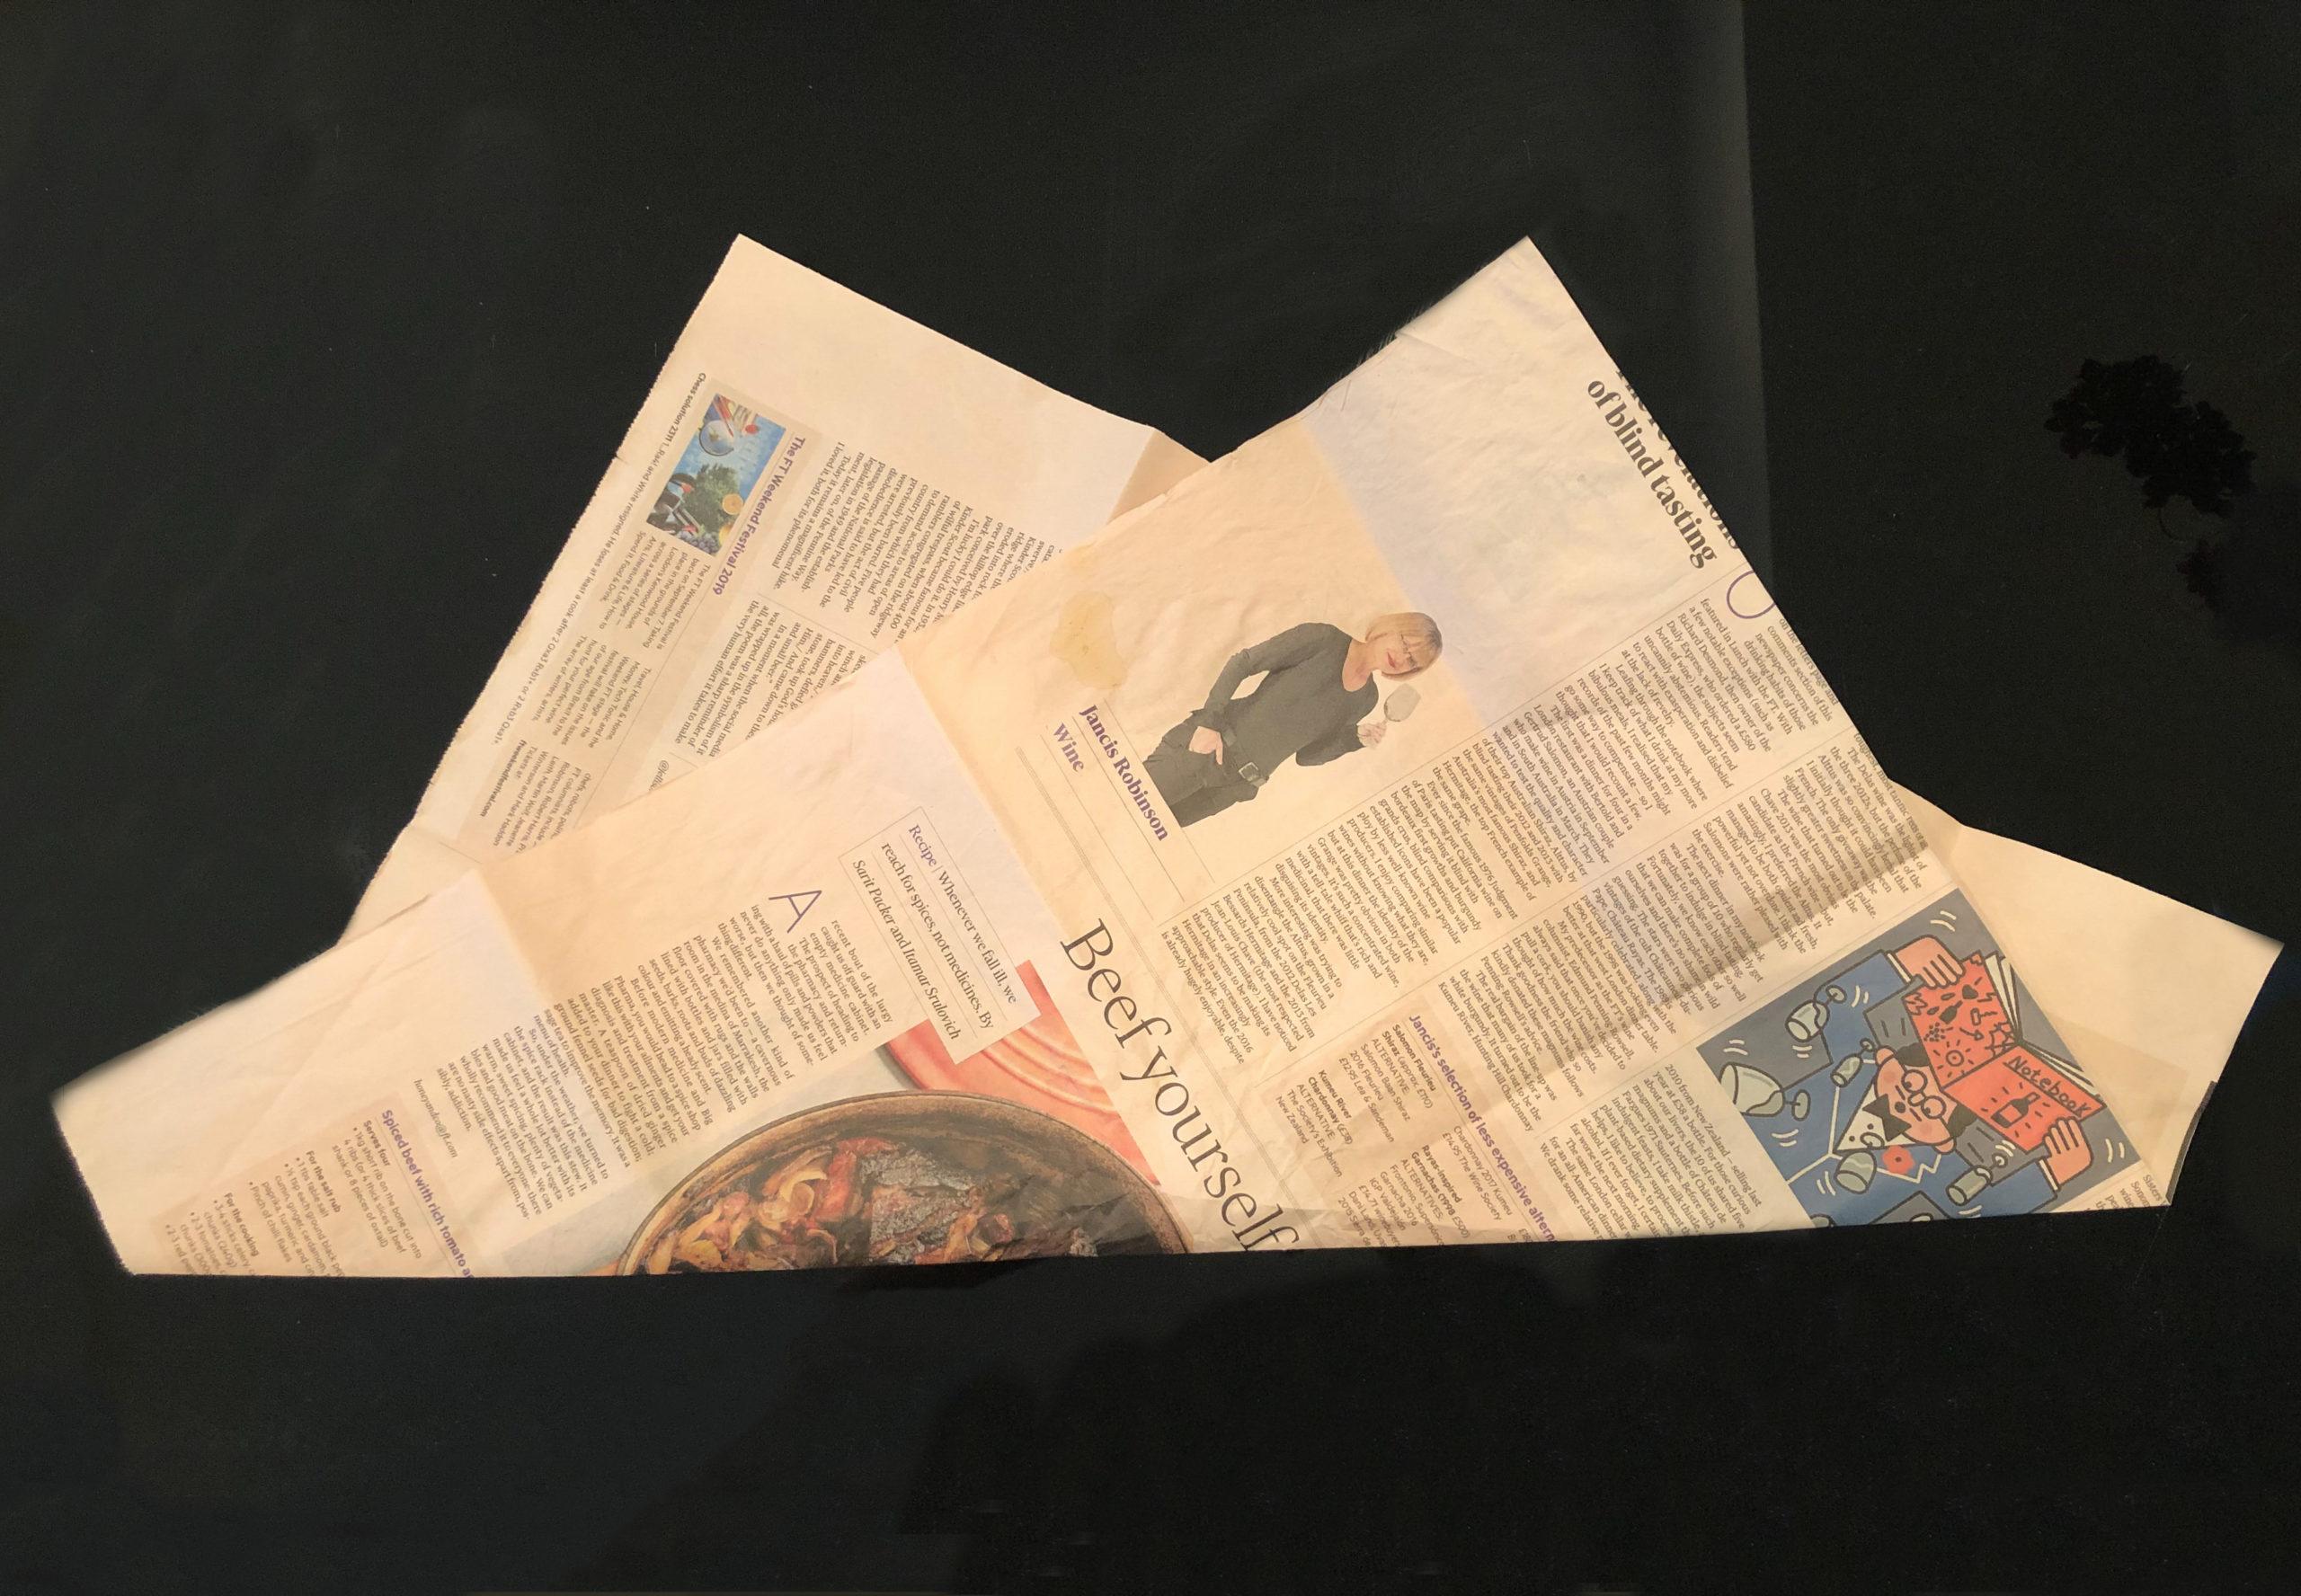 Vの字に折った包装紙を撮影した画像